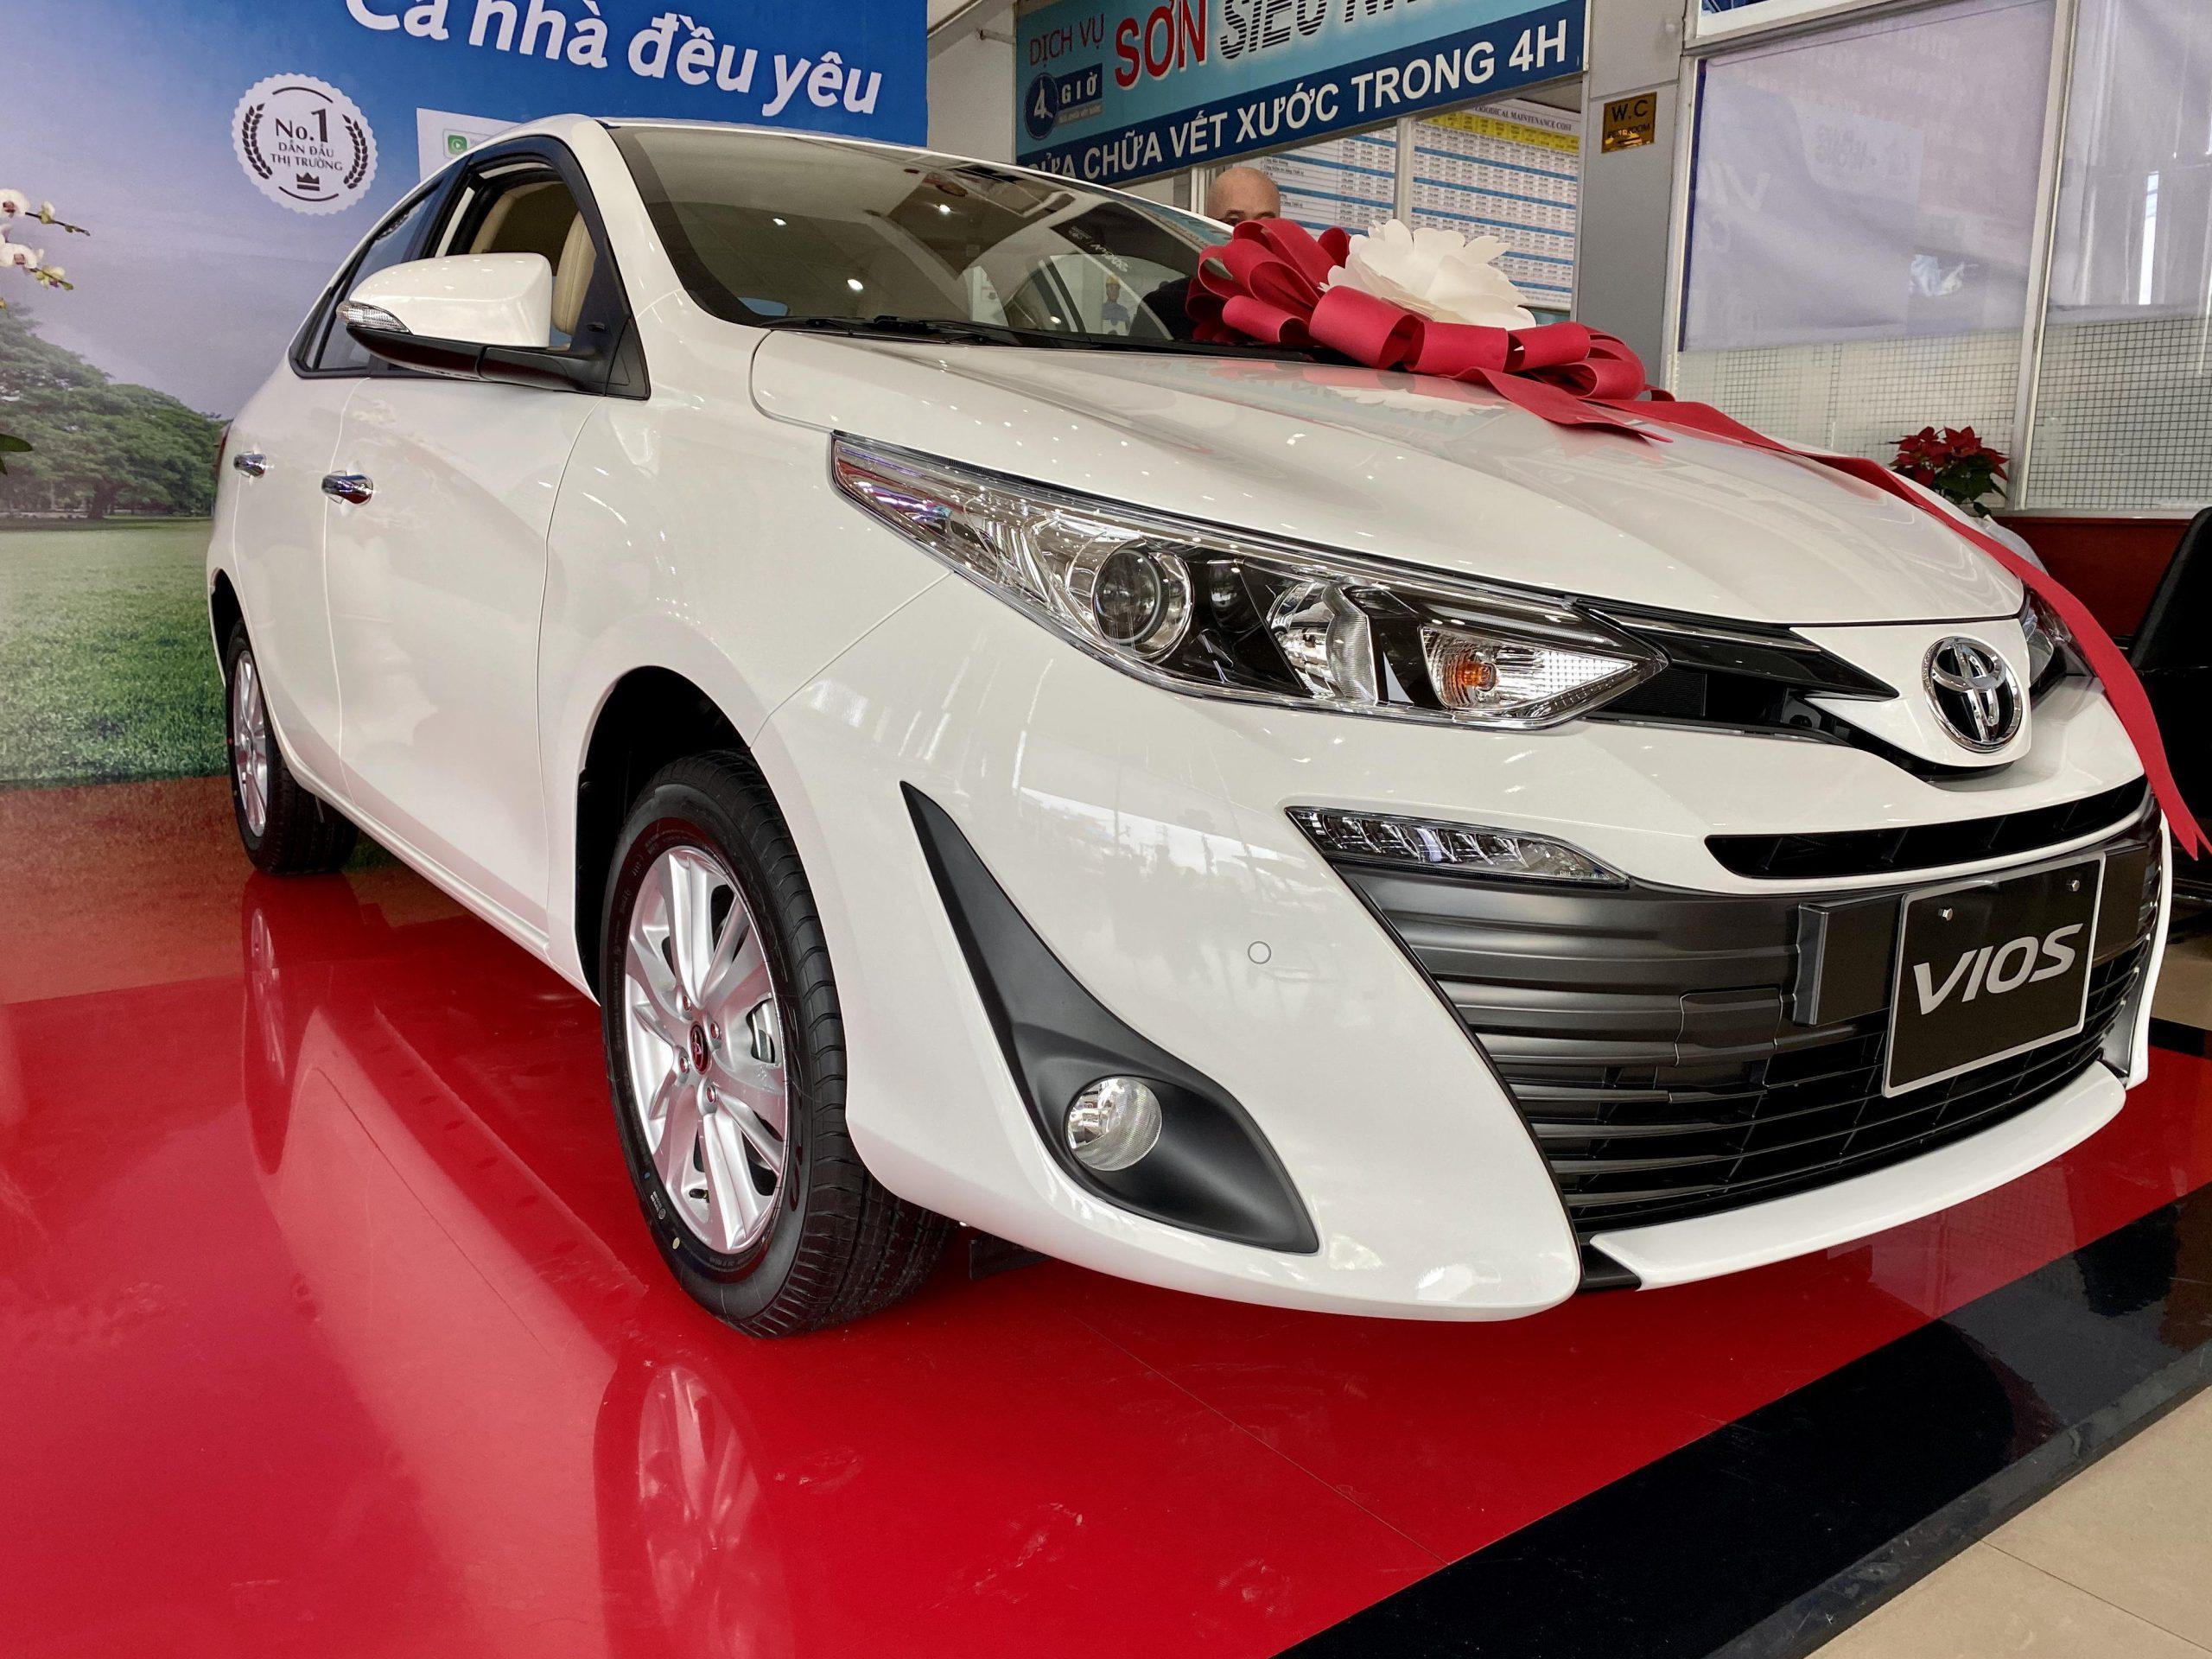 Vios 2020 G 13 scaled - Toyota Vios 2020: giá bán và khuyến mãi cập nhật mỗi 2 phút